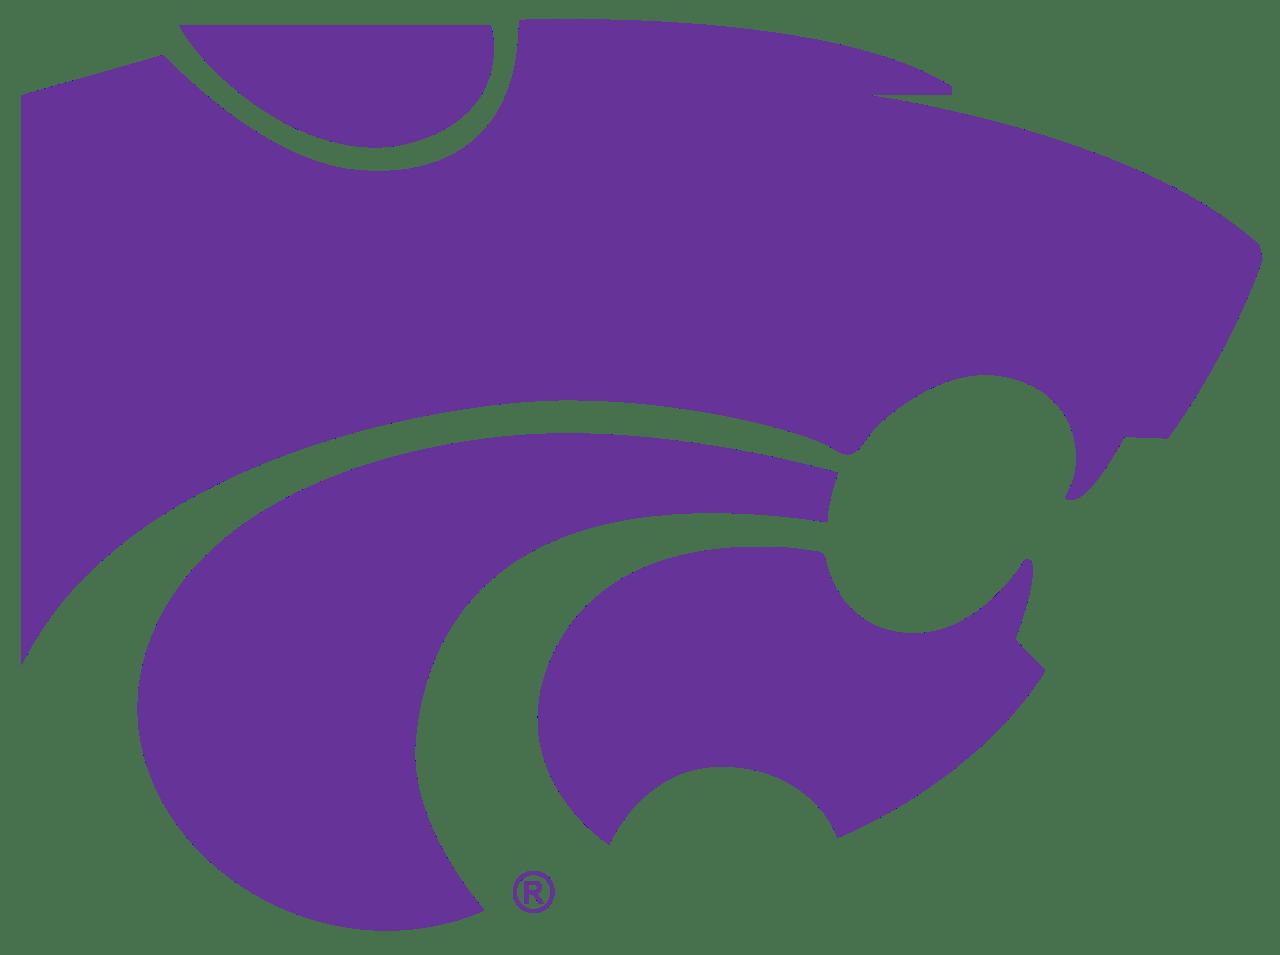 k_state_logo